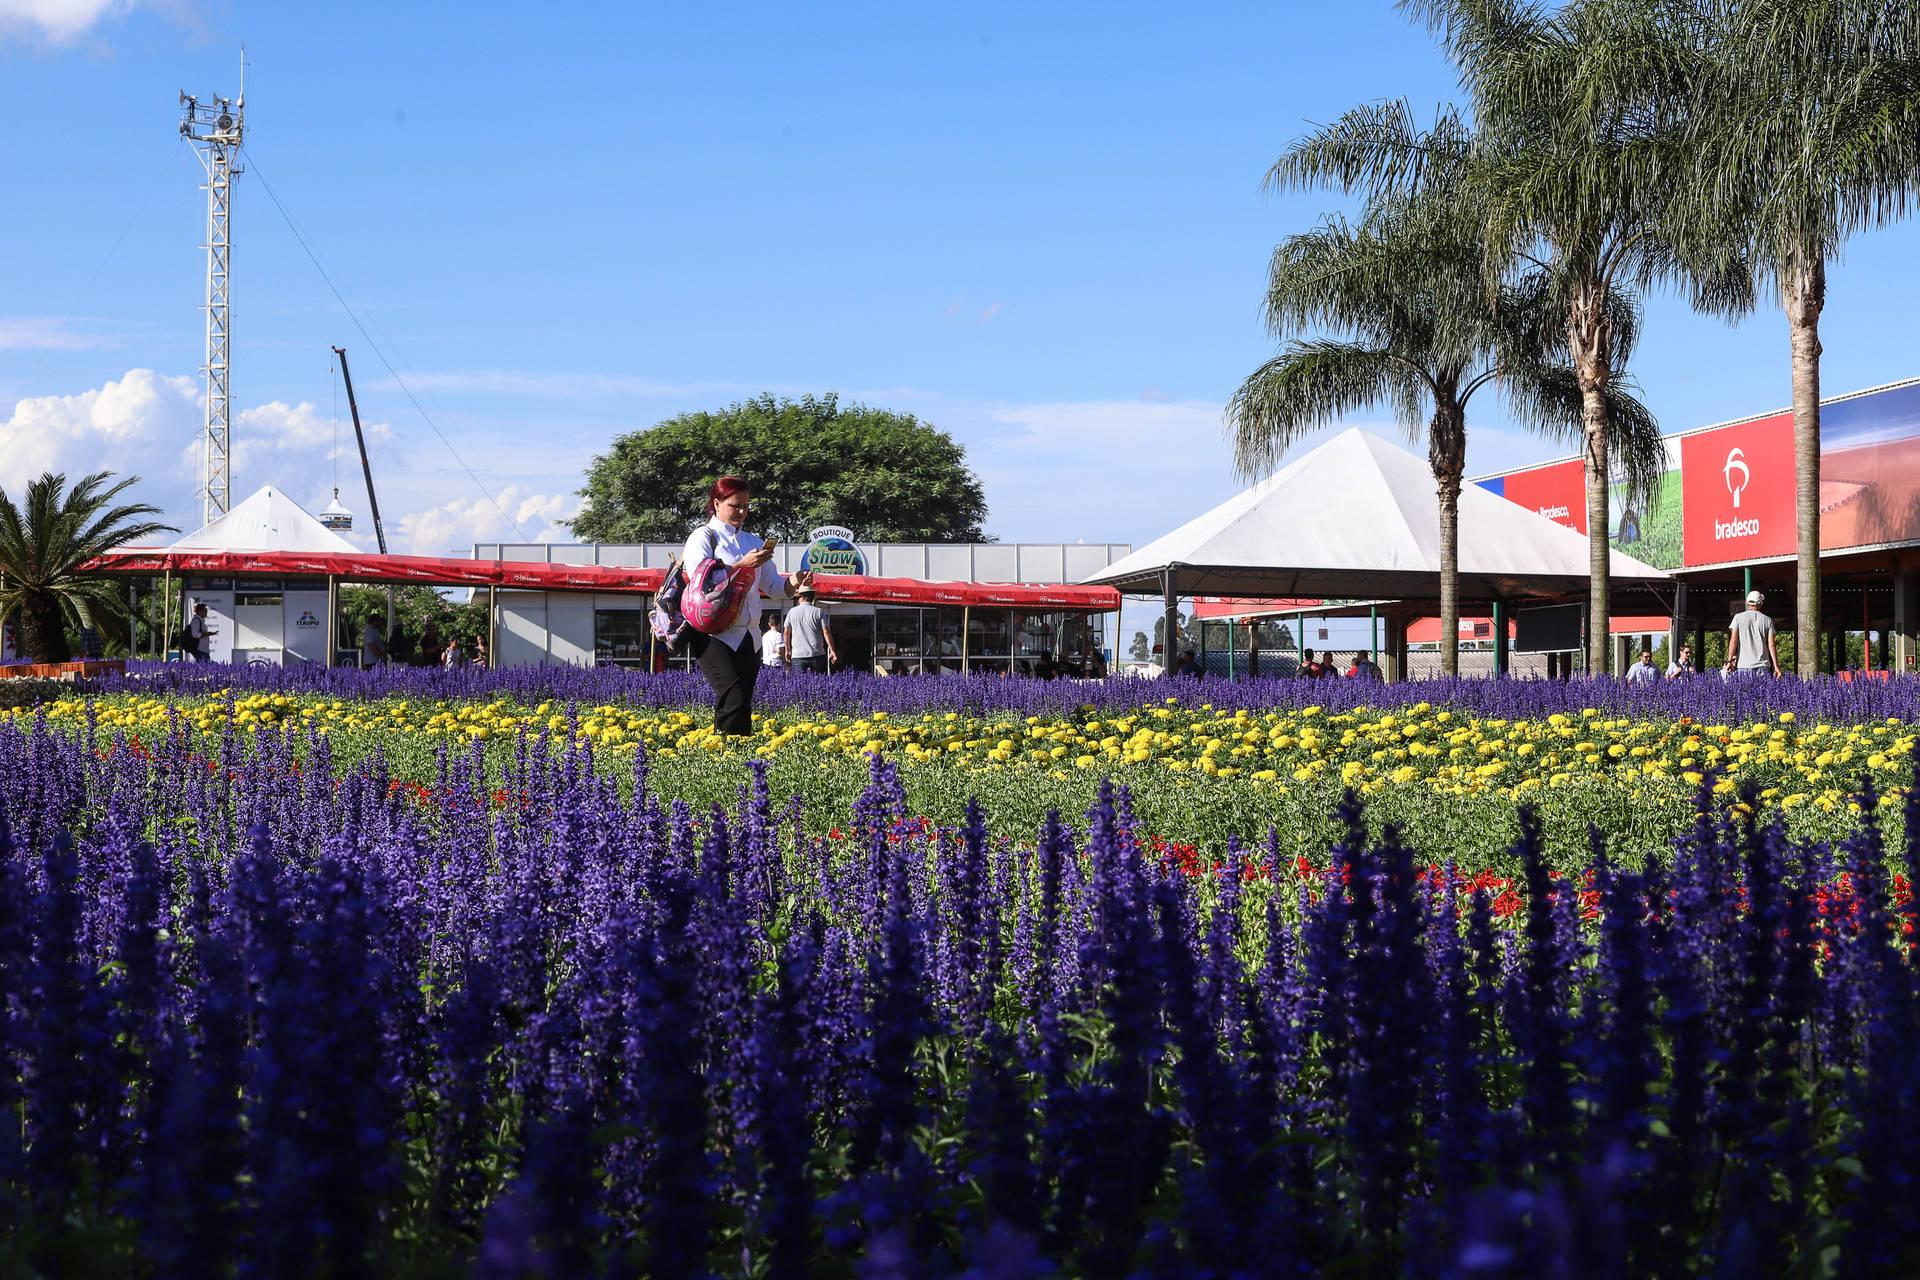 A edição 2020 da feira promovida pela Coopavel, em Cascavel, contará com a participação de secretarias de Estado, autarquias e empresas públicas